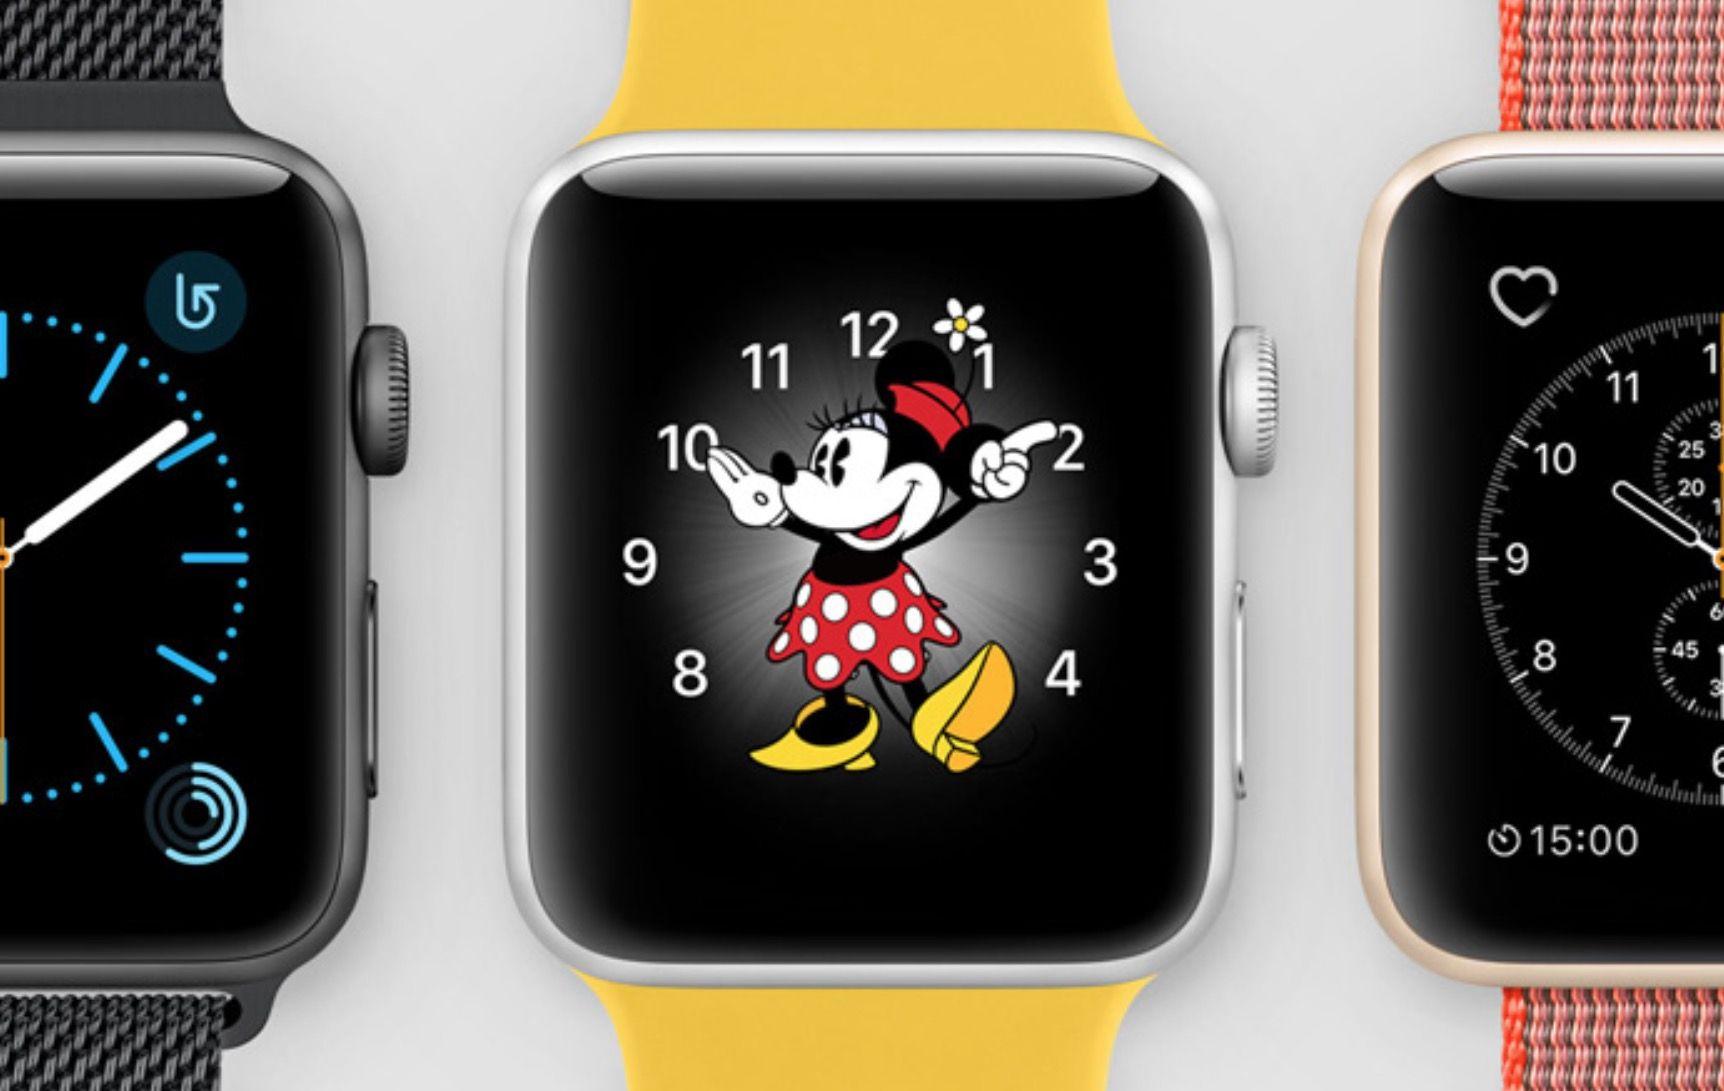 Con watchOS 3 Mickey y Minnie nos dicen la hora verbalmente - http://www.soydemac.com/watchos-3-mickey-minnie-nos-dicen-la-hora-verbalmente/